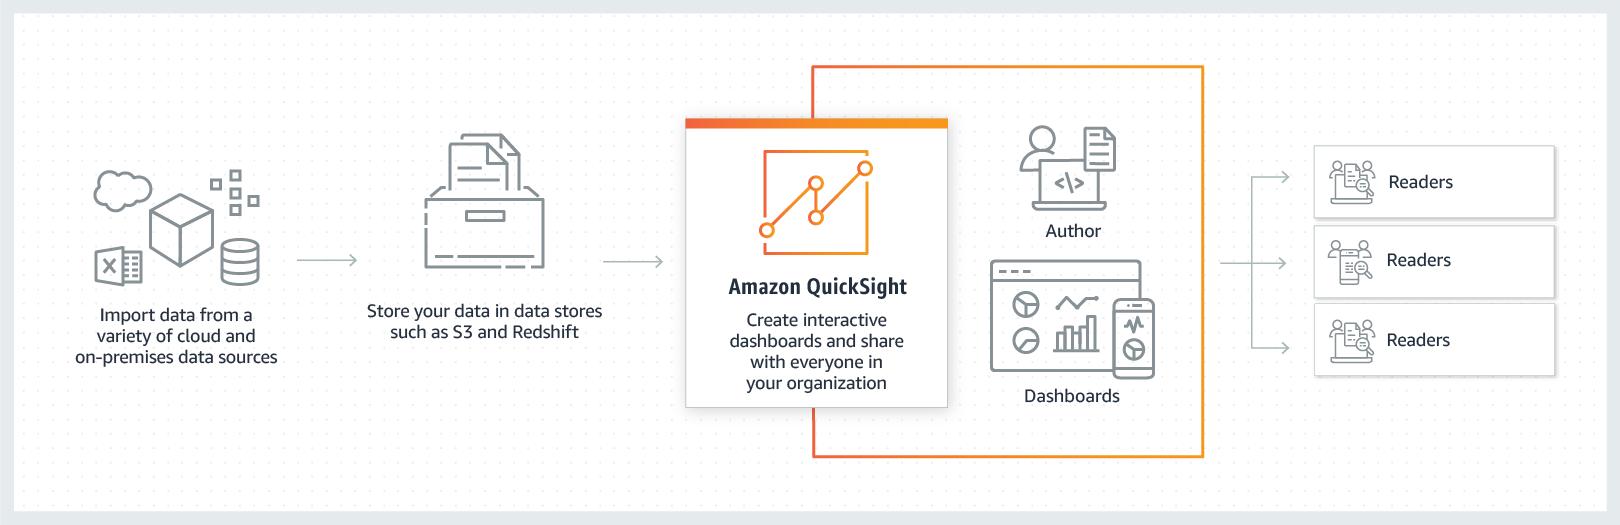 通过 Amazon Quicksight 提供交互式的控制面板